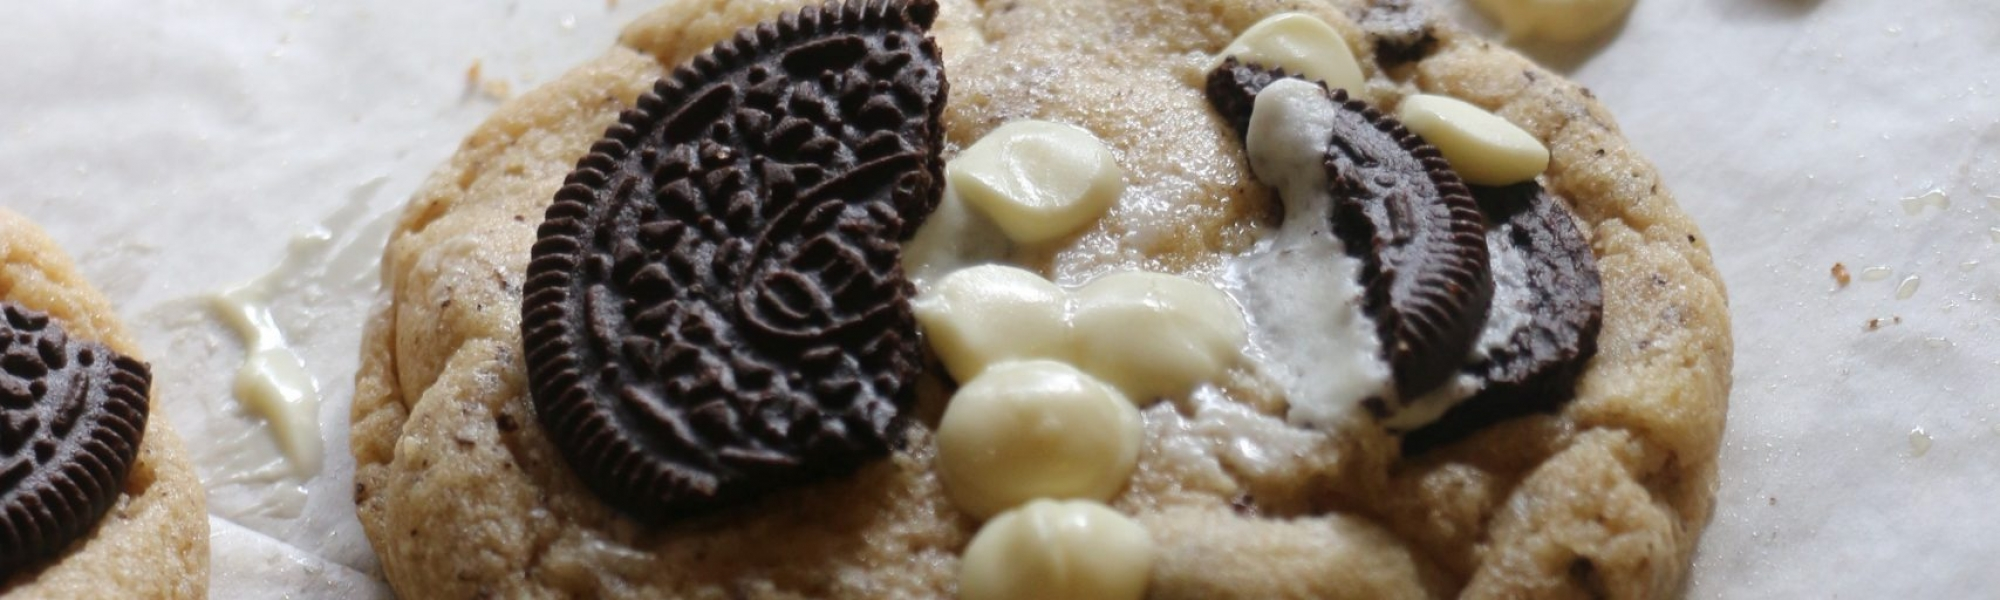 עוגיות אוראו, שוקולד לבן ואספרסו